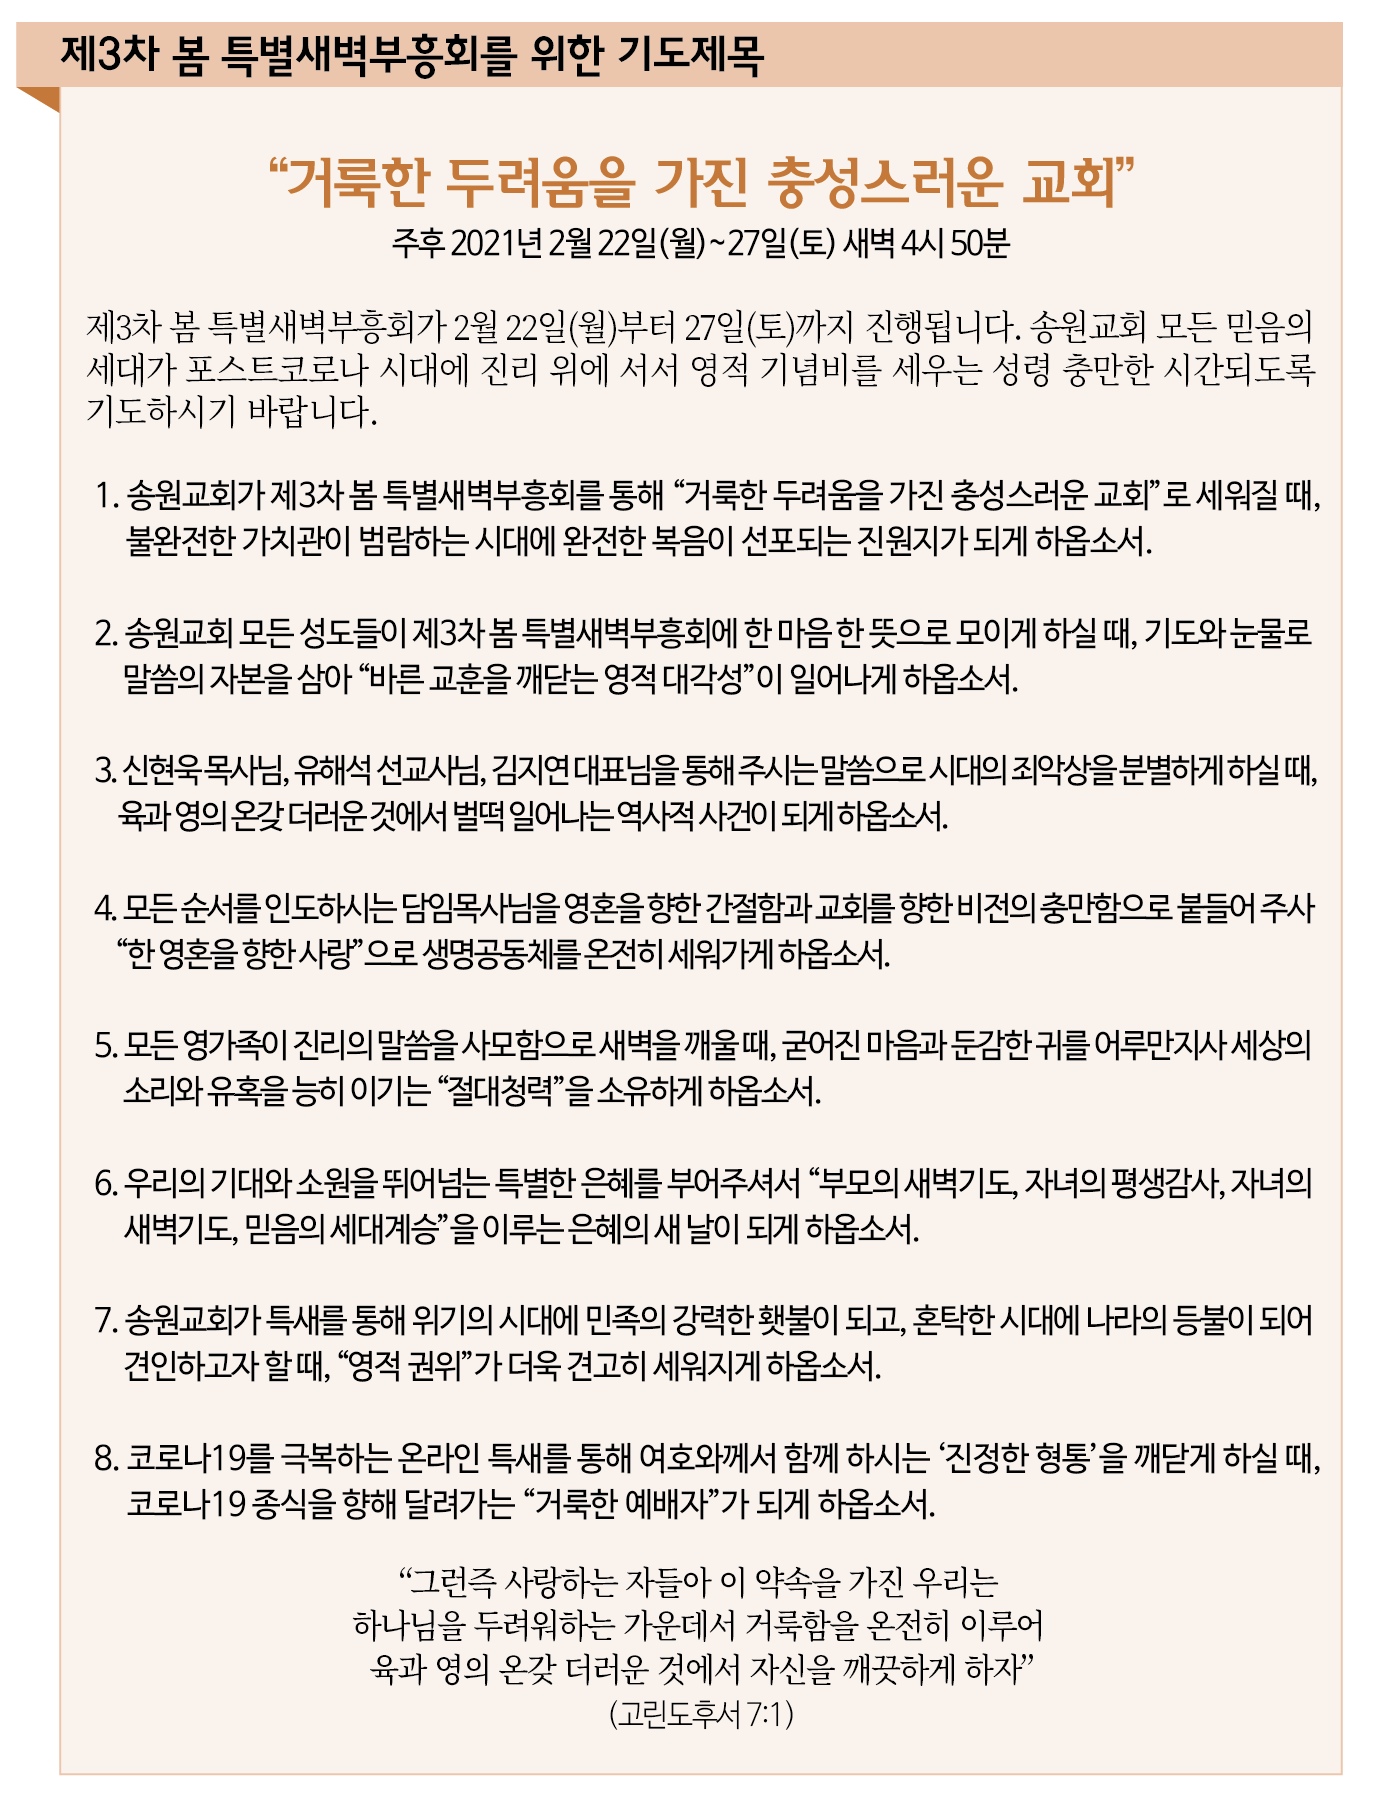 제3차 봄 특별새벽부흥회를 위한 기도제목.png